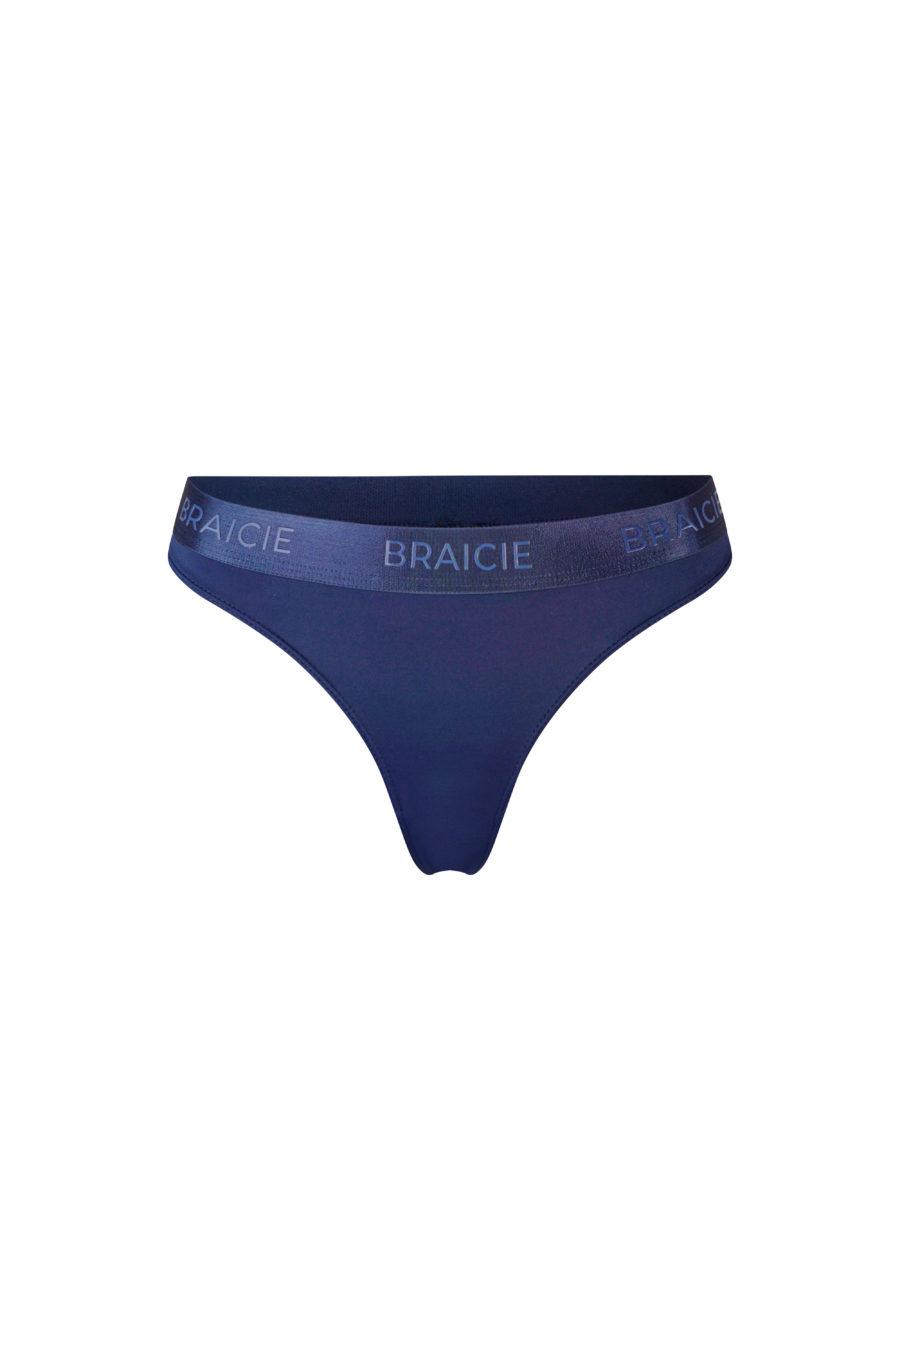 Funktionaler und atmungsaktiver Damen Sport-String blau für Fitness